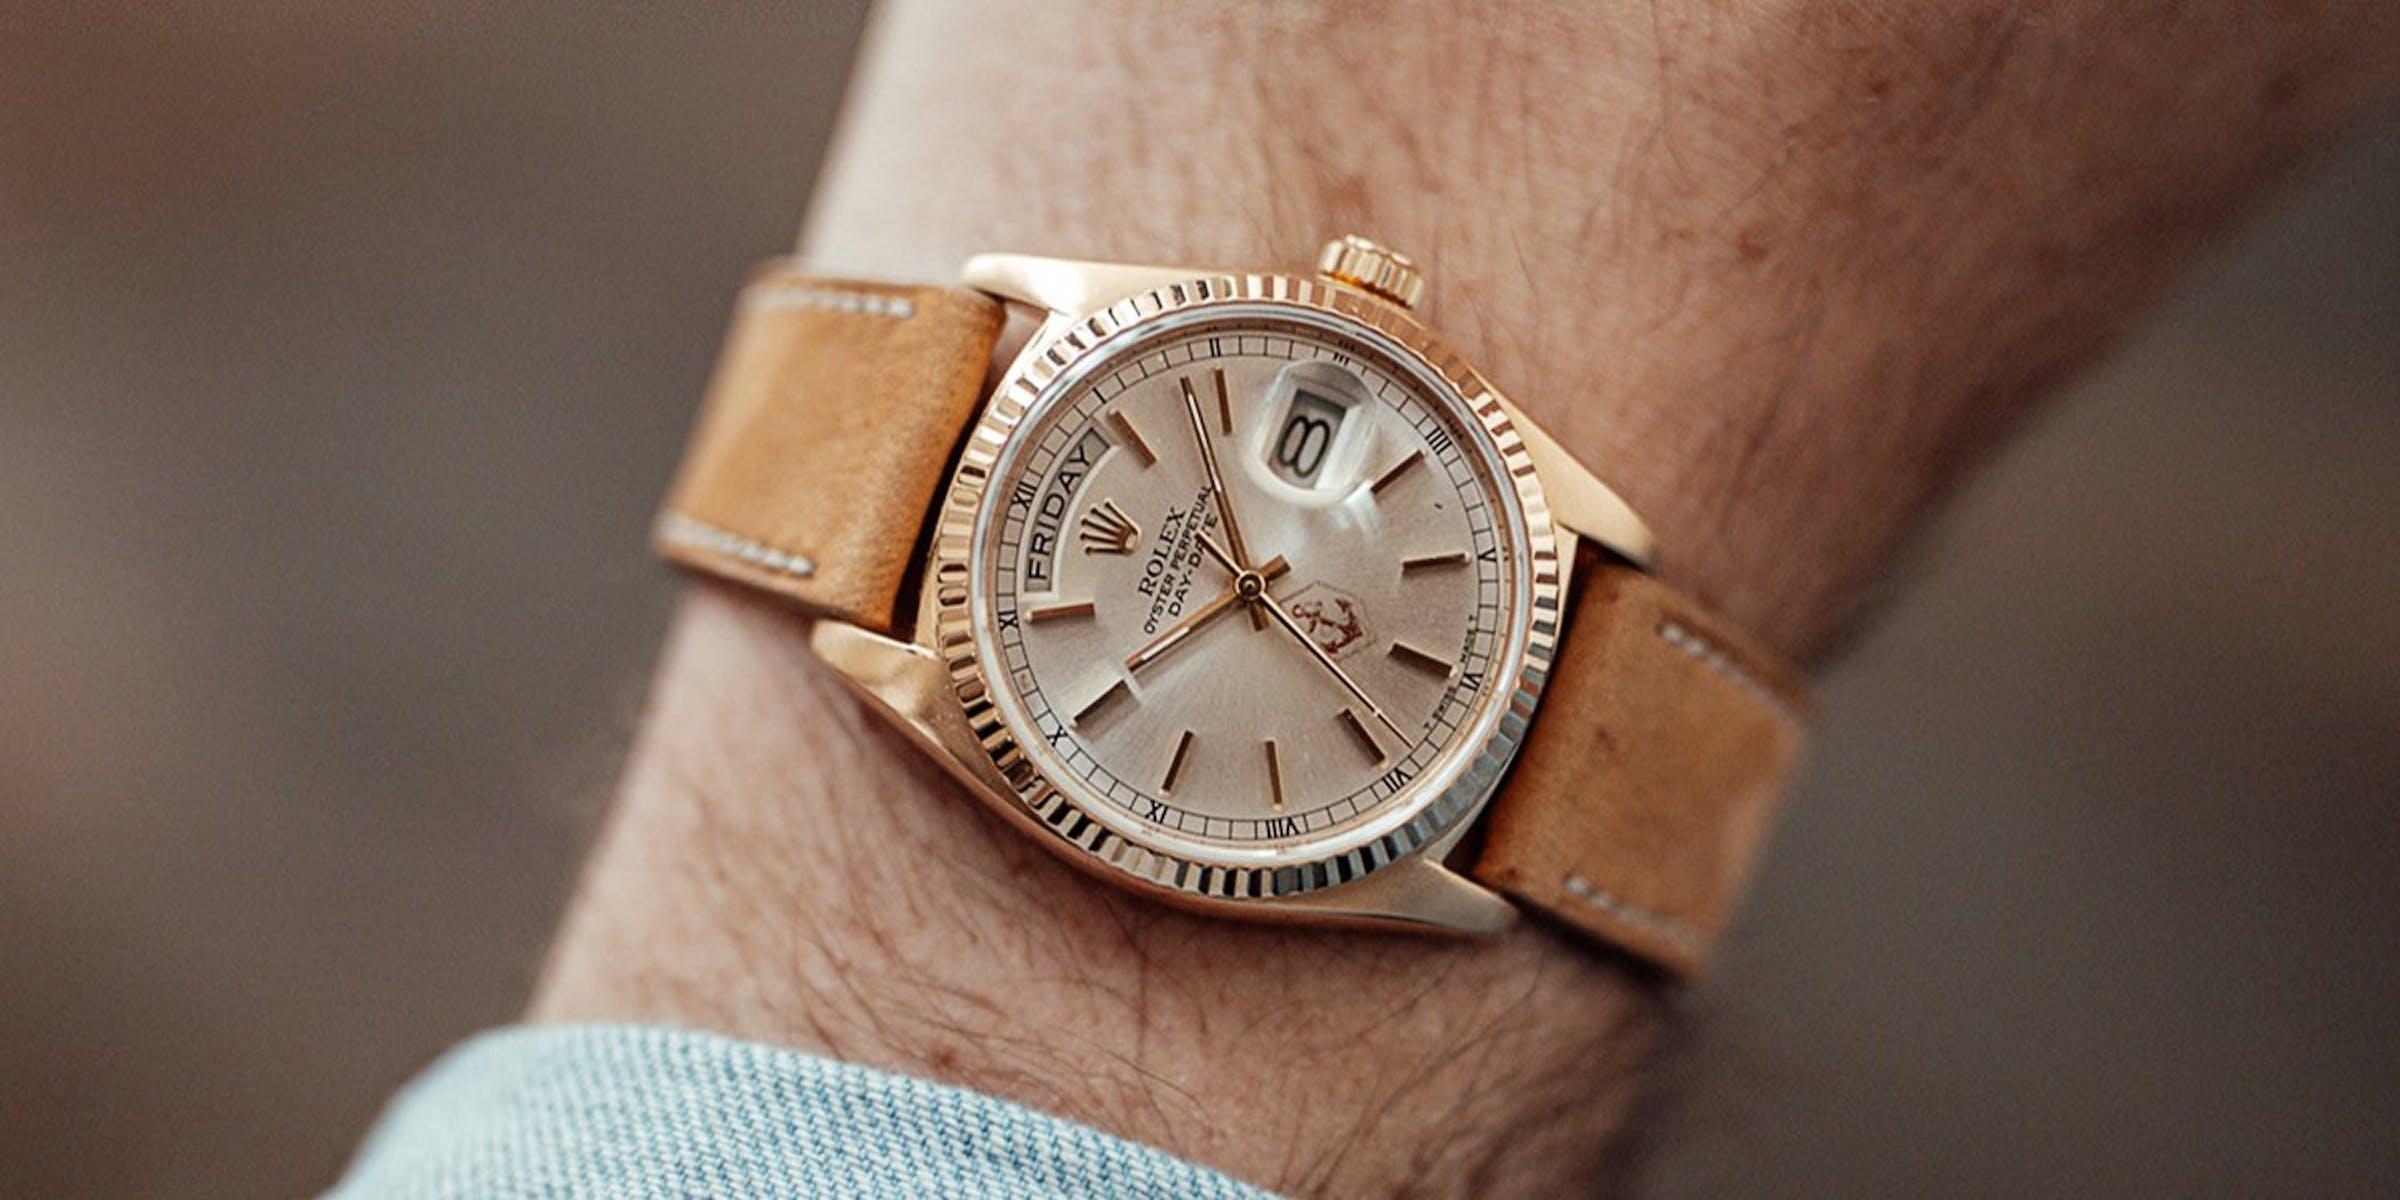 CAM-1490-5-Schritte-vor-dem-Uhrenkauf-Magazin-2-1